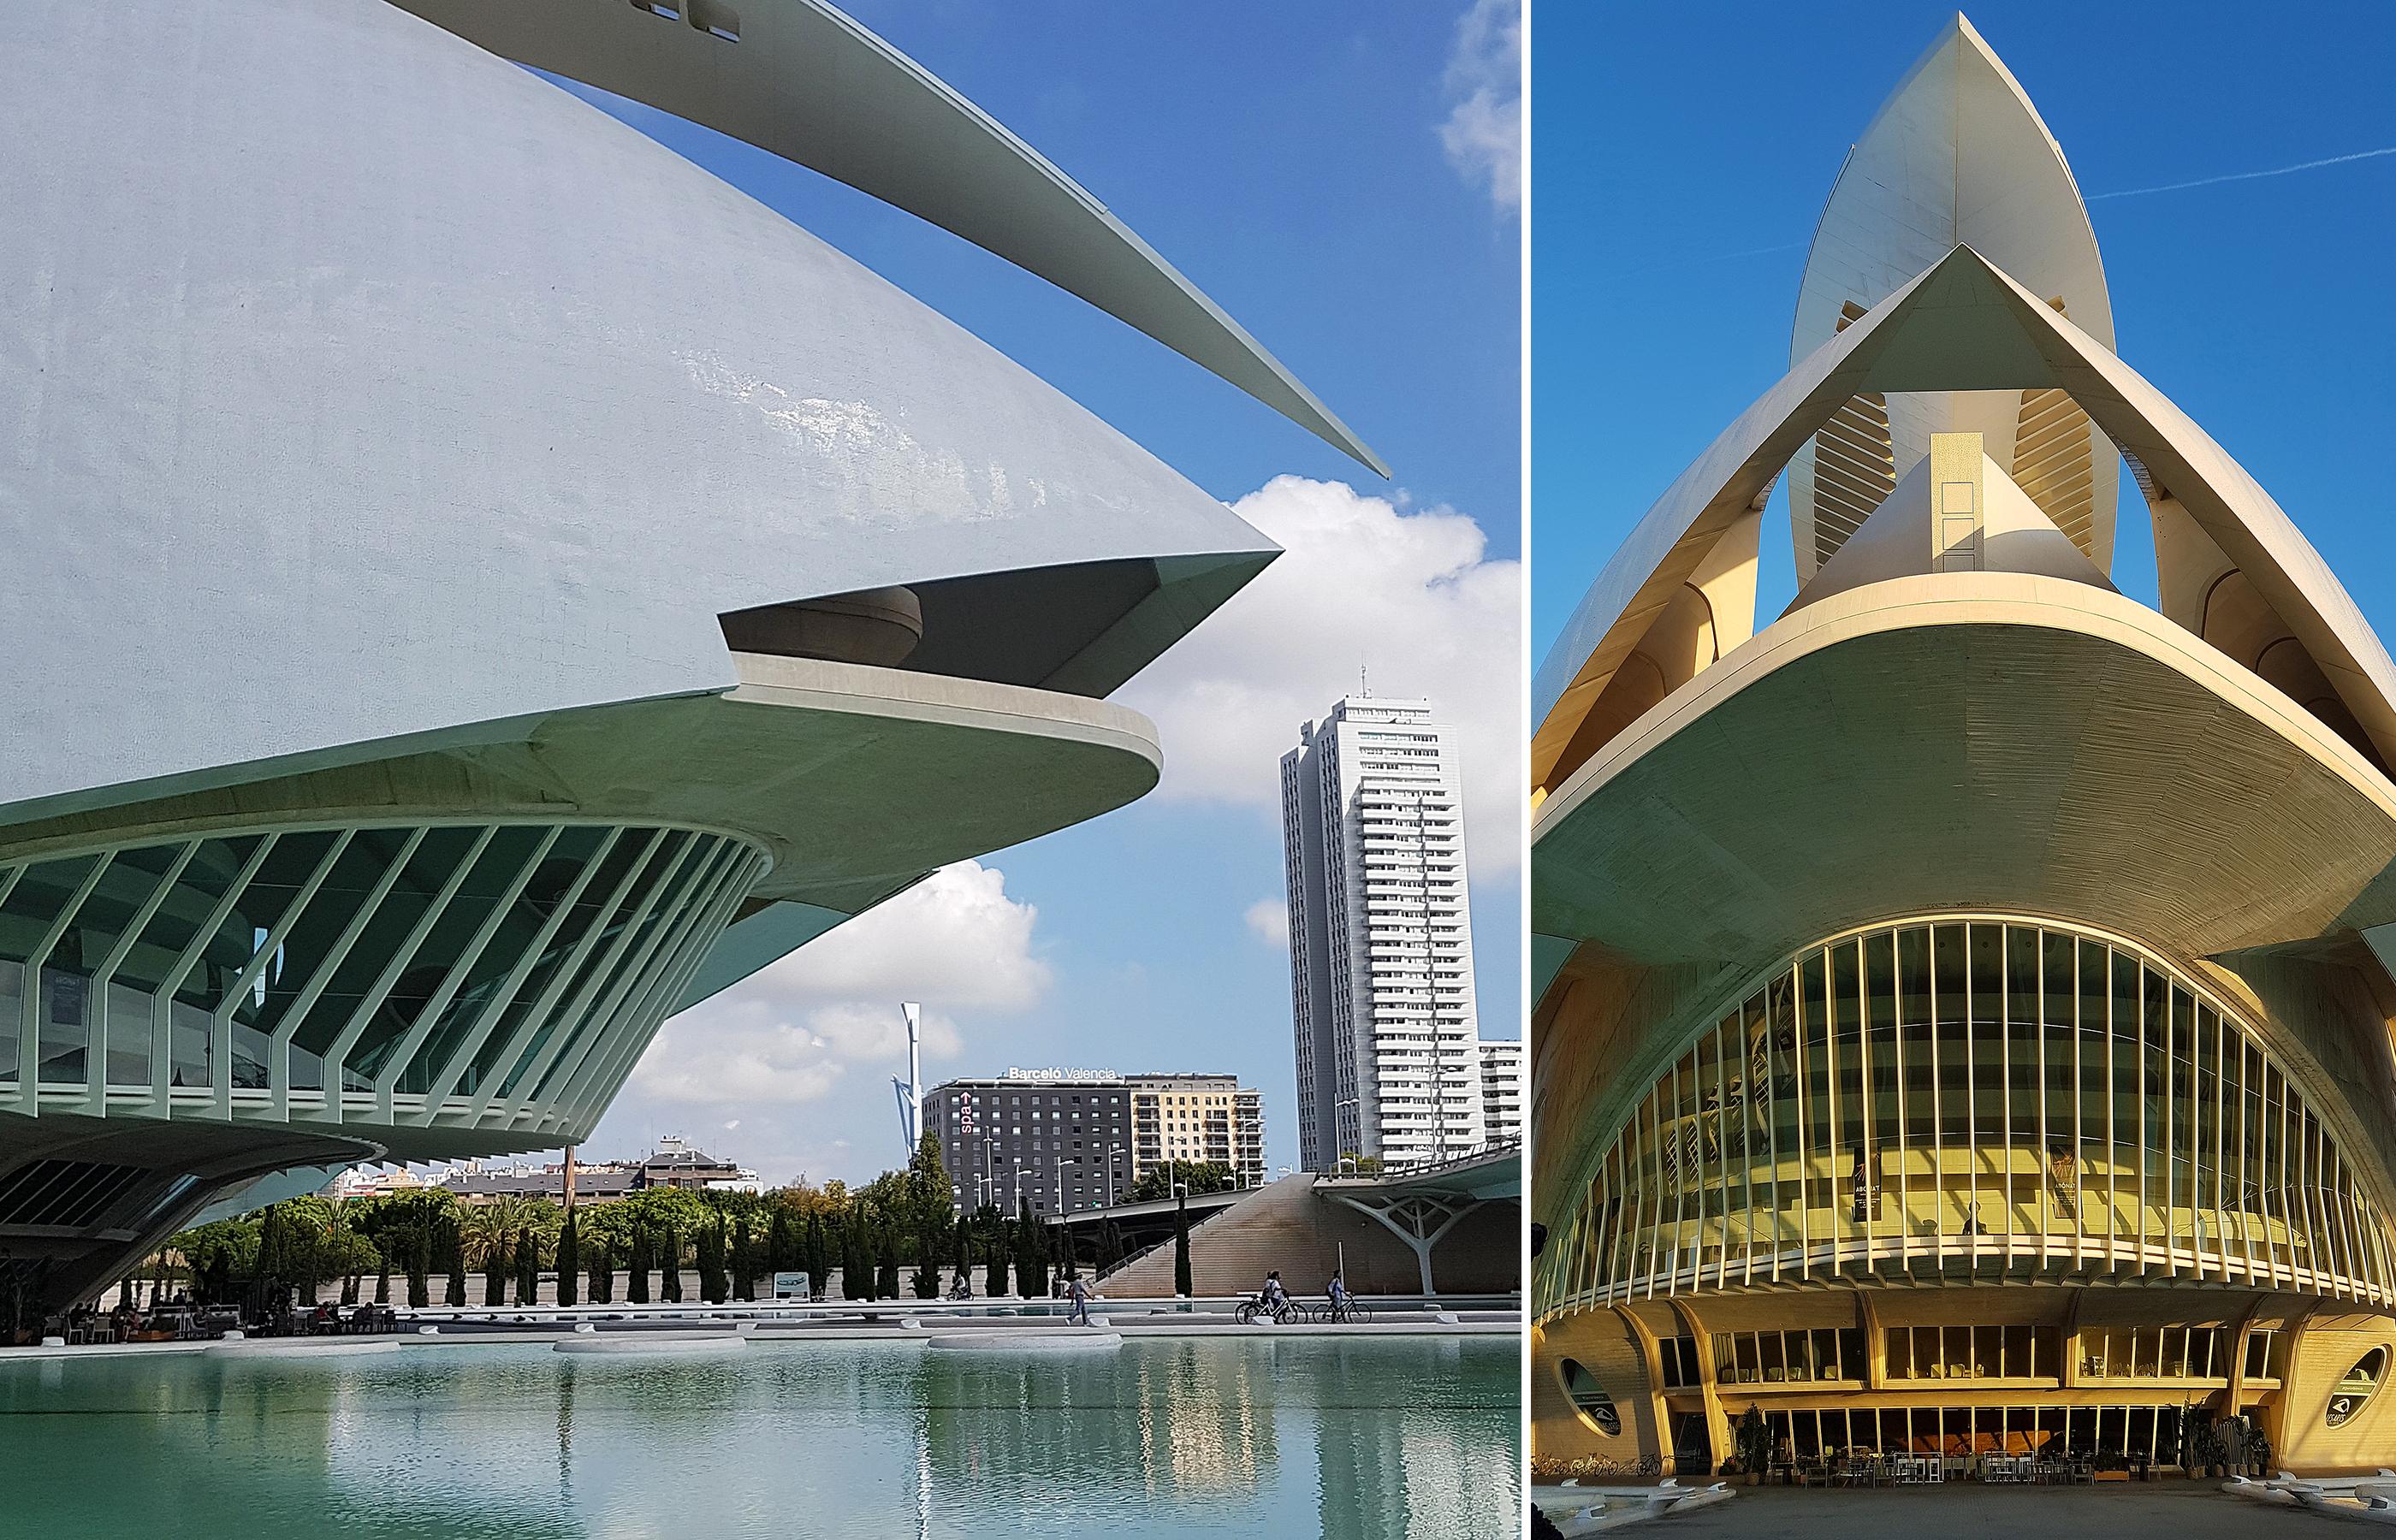 Здание оперного театра показалось мн похожим на космический лайнер, готовый бесшумно взмыть в небо